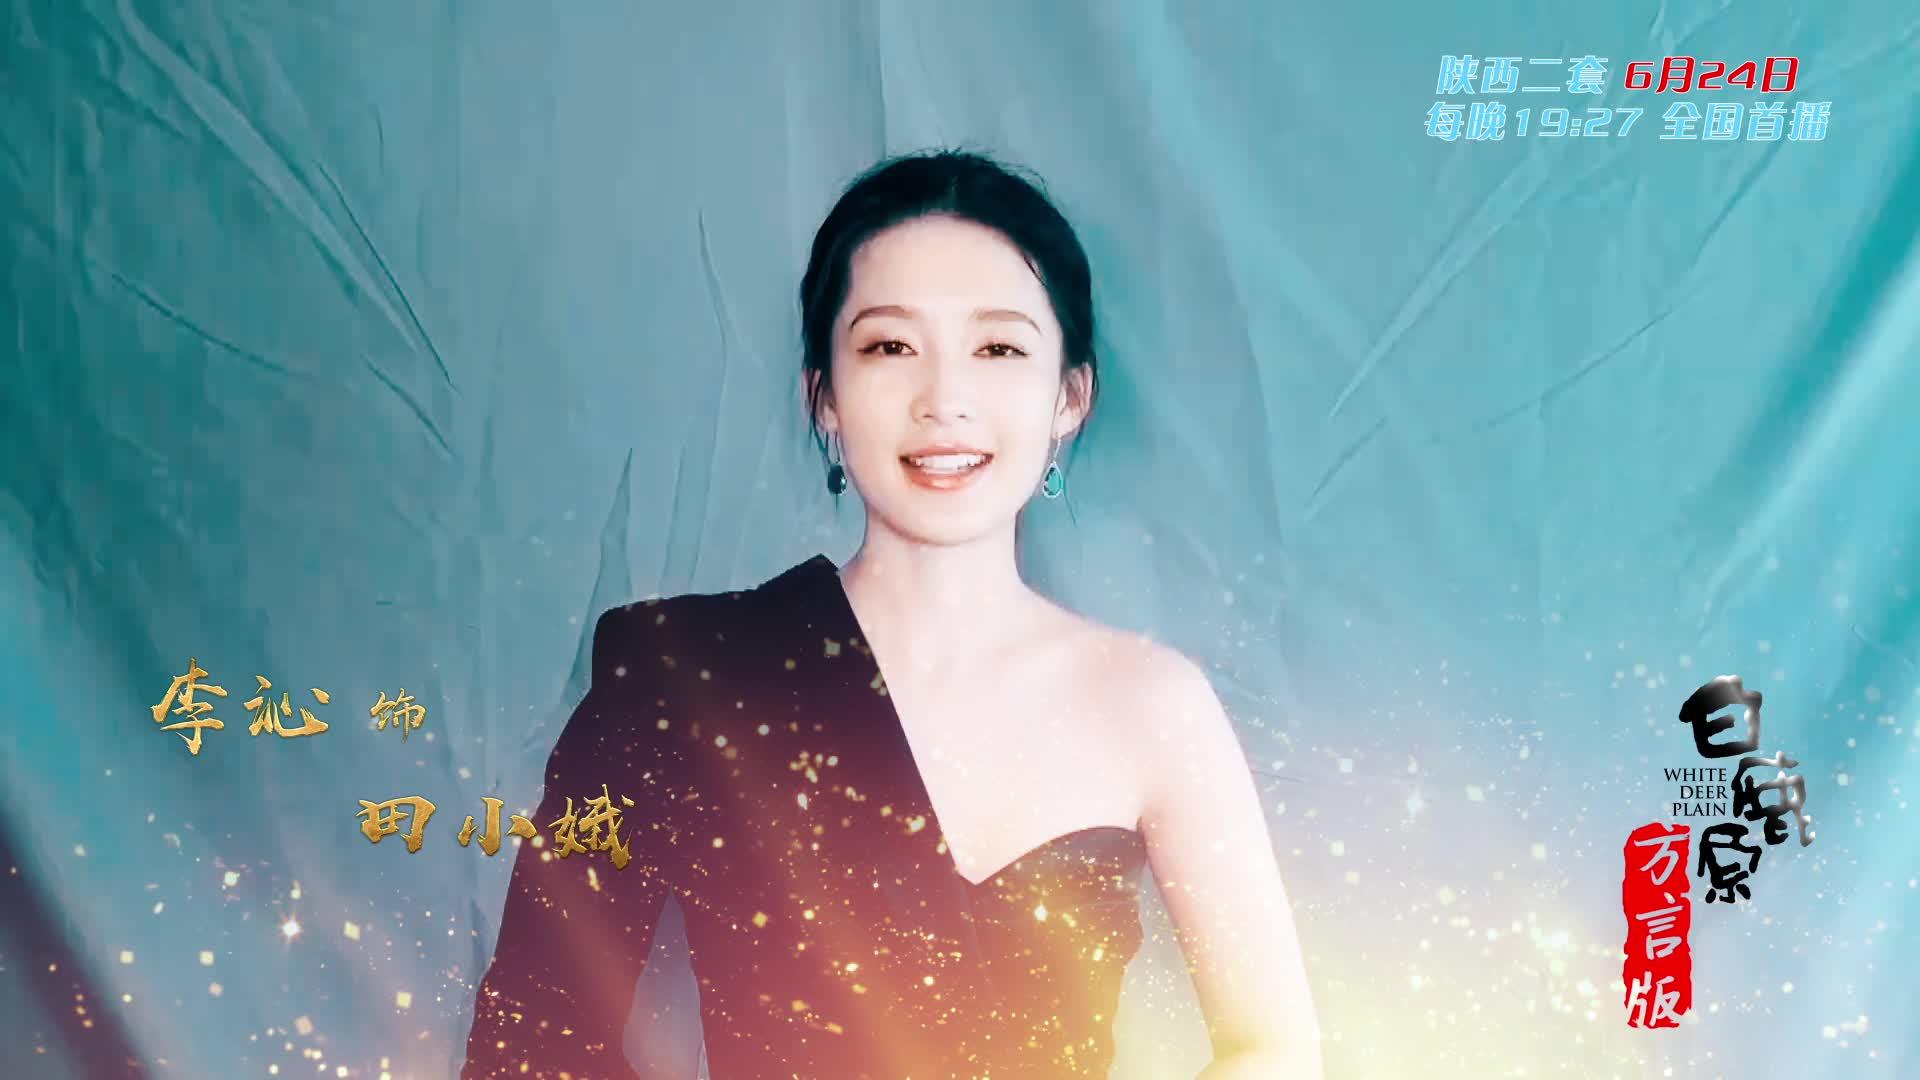 白鹿原方言版之演员李沁